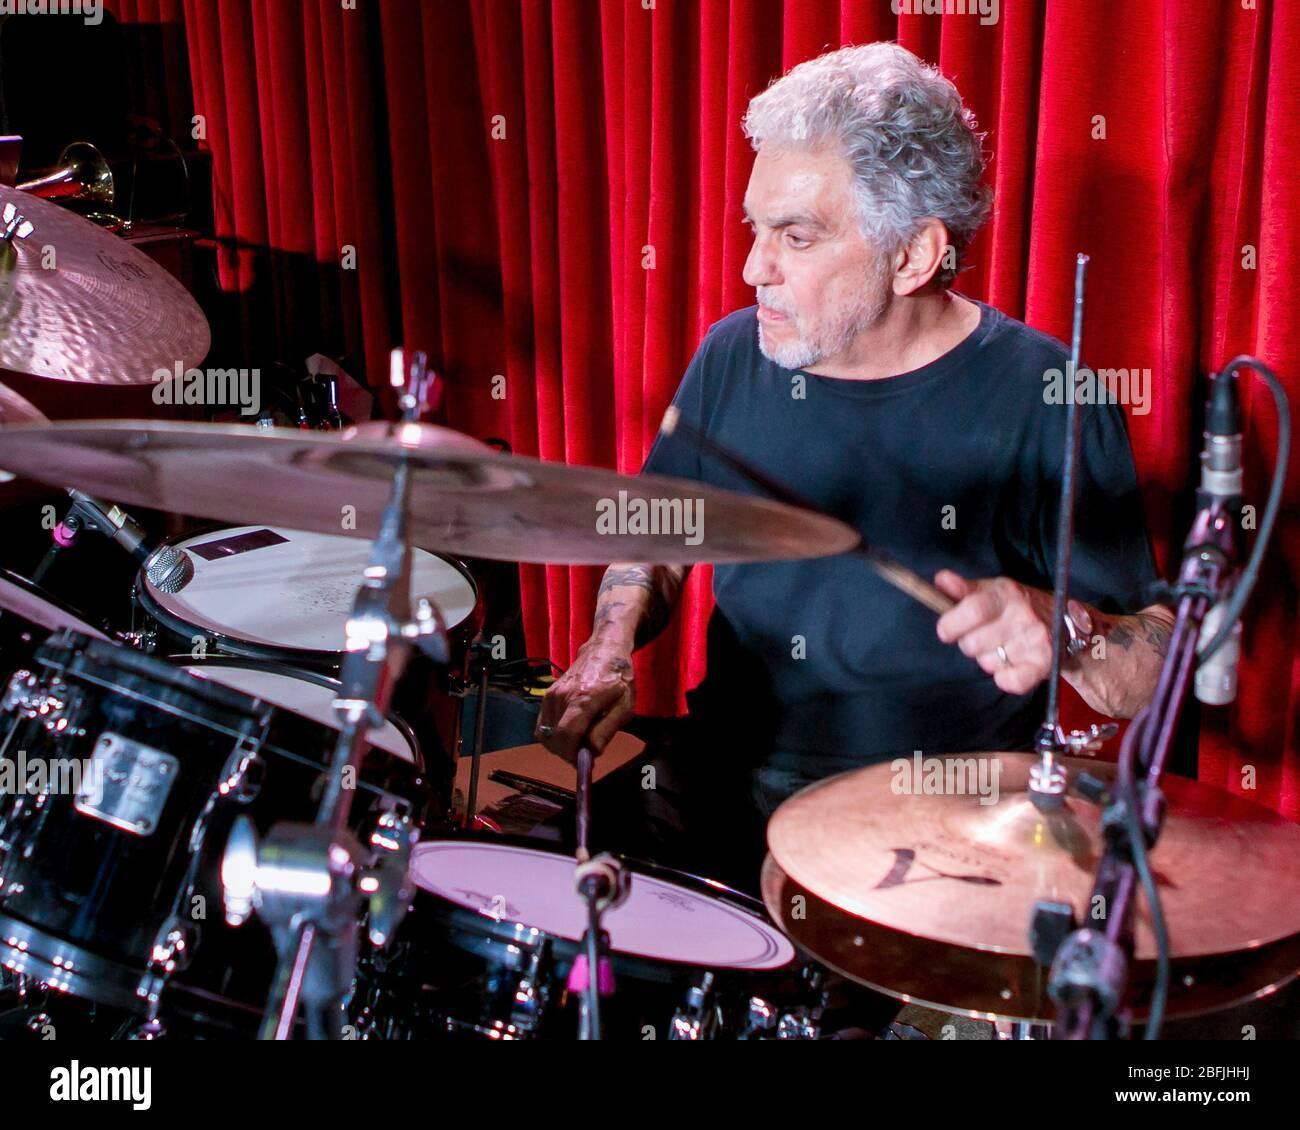 El baterista Steve Gadd se calienta antes de un show con su banda, la banda Steve Gadd, en el Catalina Jazz Club en los Angeles, California. Foto de stock